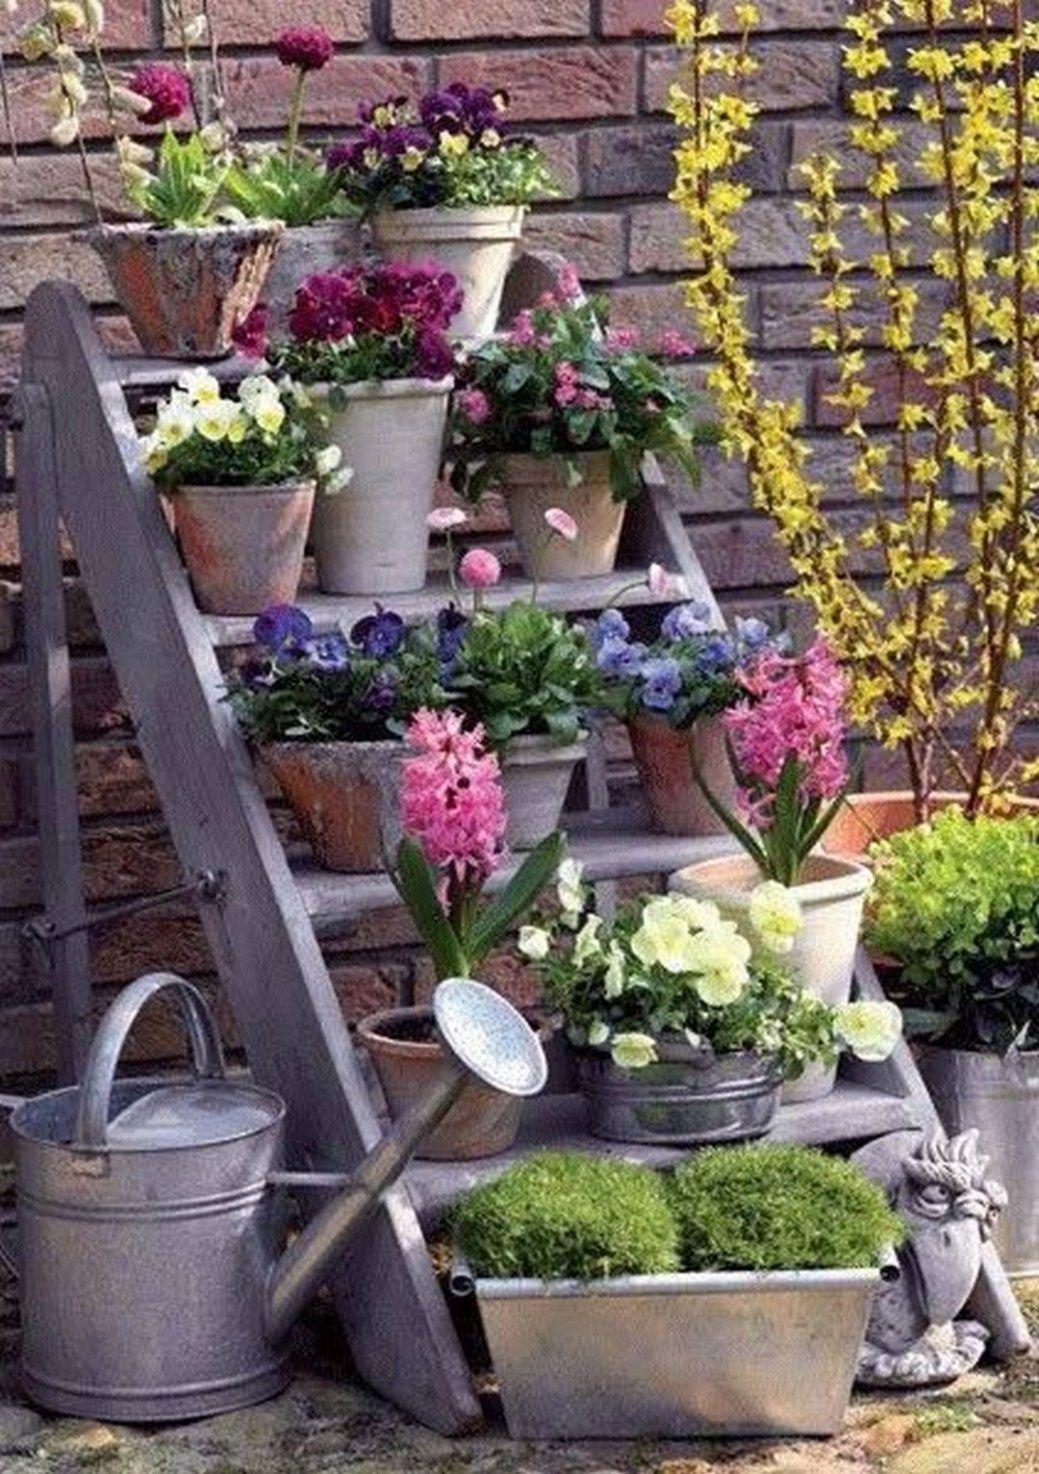 Best Diy Cottage Garden Ideas From Pinterest 35 Spring Garden